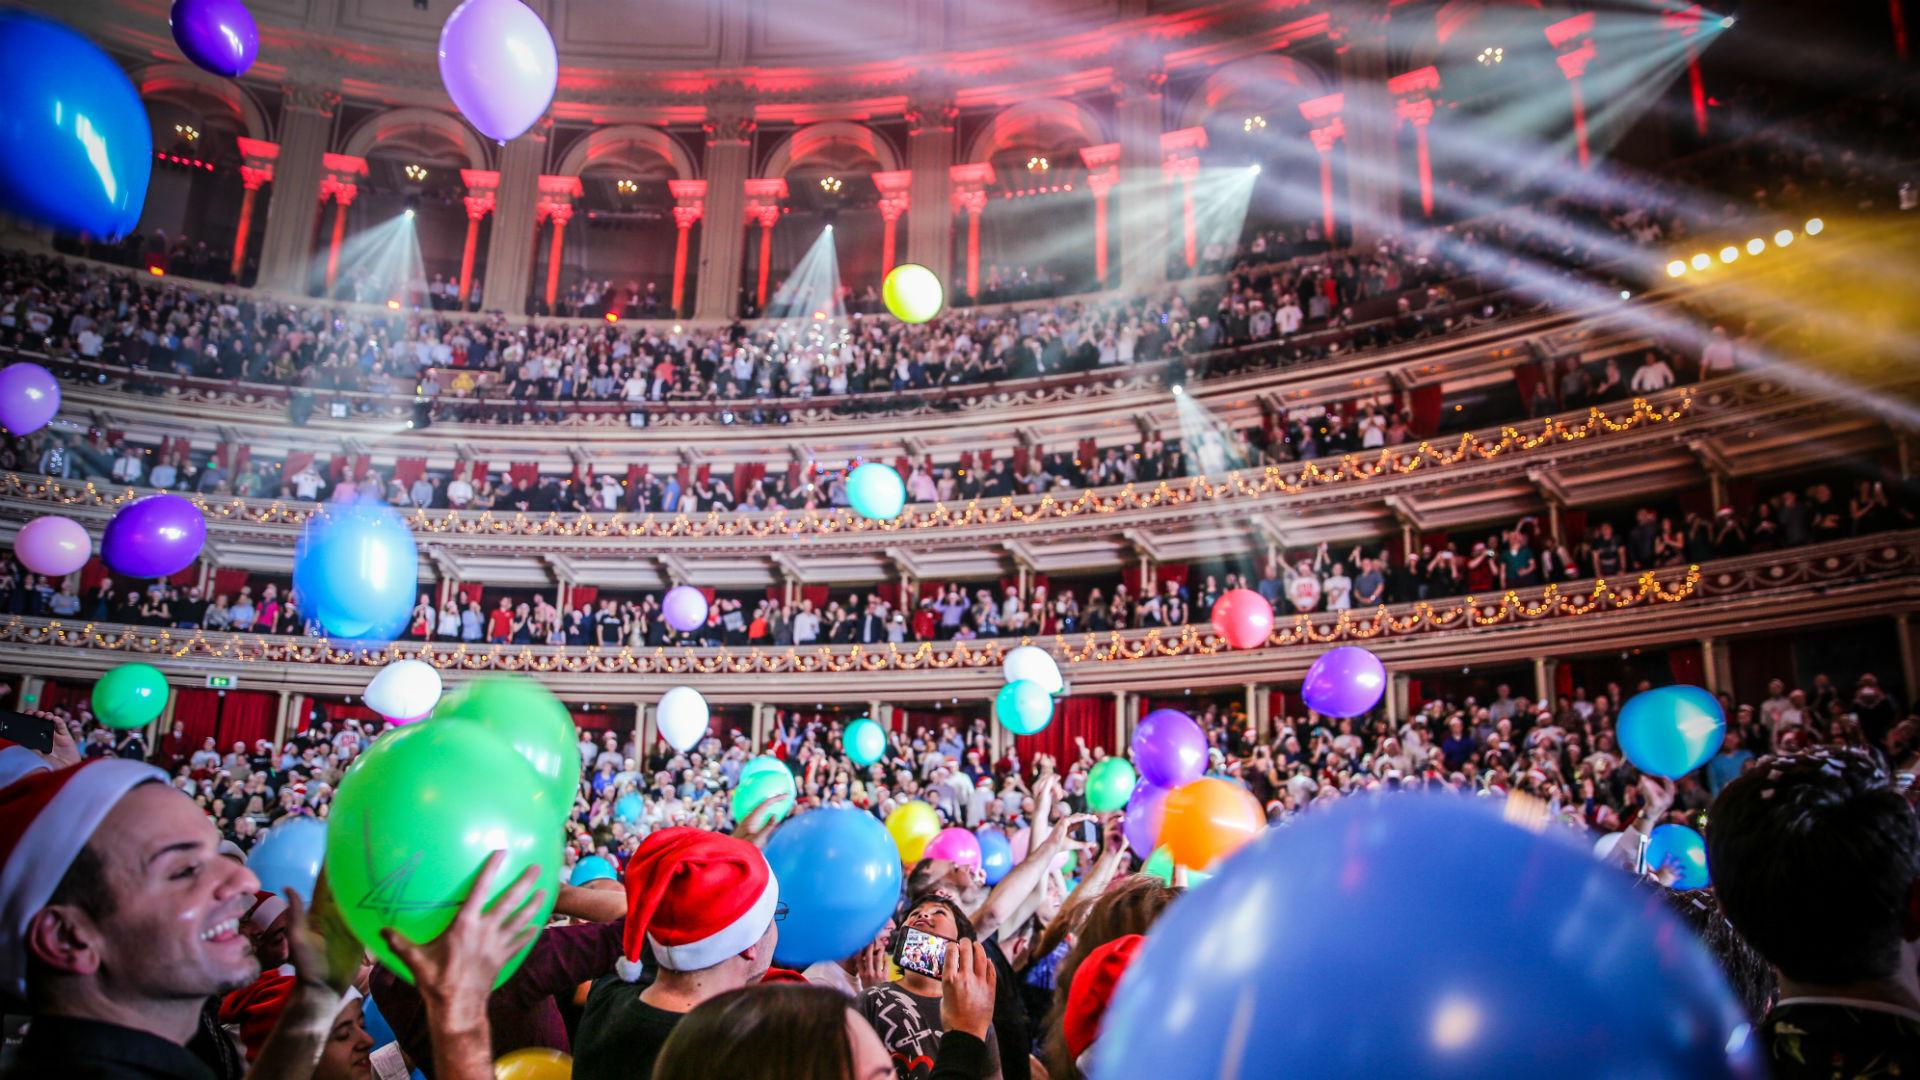 Christmas Festival at Royal Albert Hall. Image courtesy of Royal Albert Hall